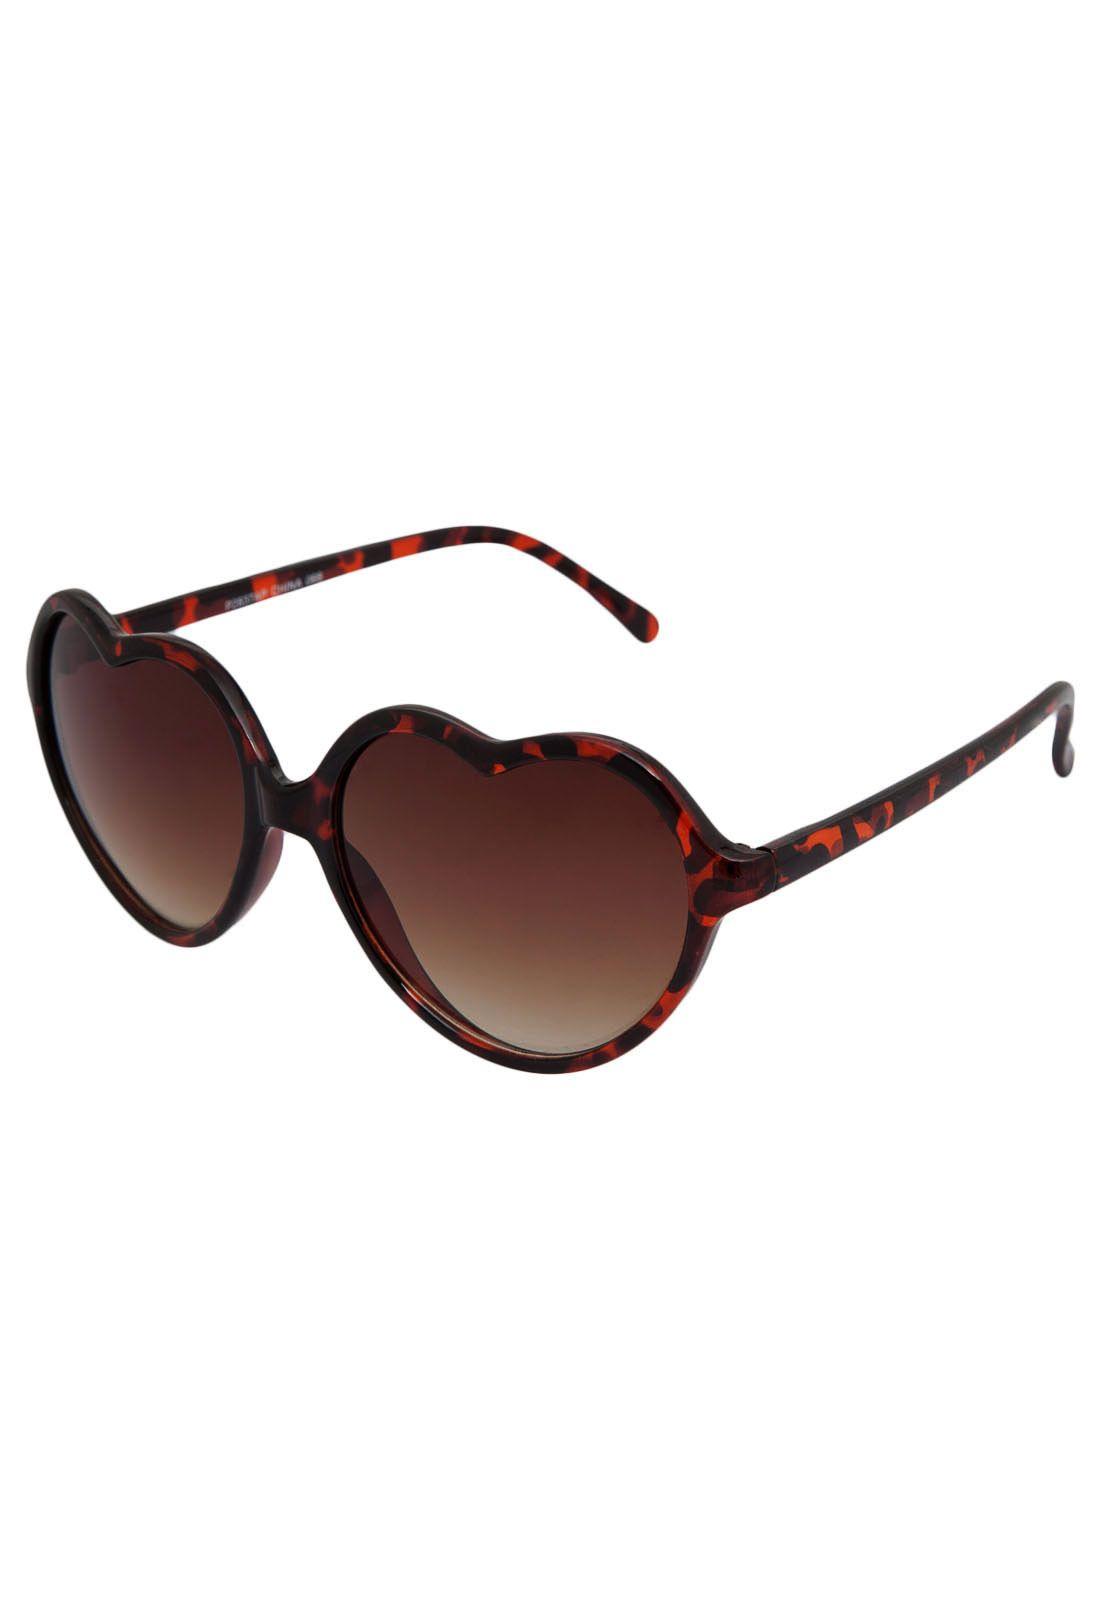 Óculos de Sol DAFITI ACCESSORIES Marrom d3c1335d5b35